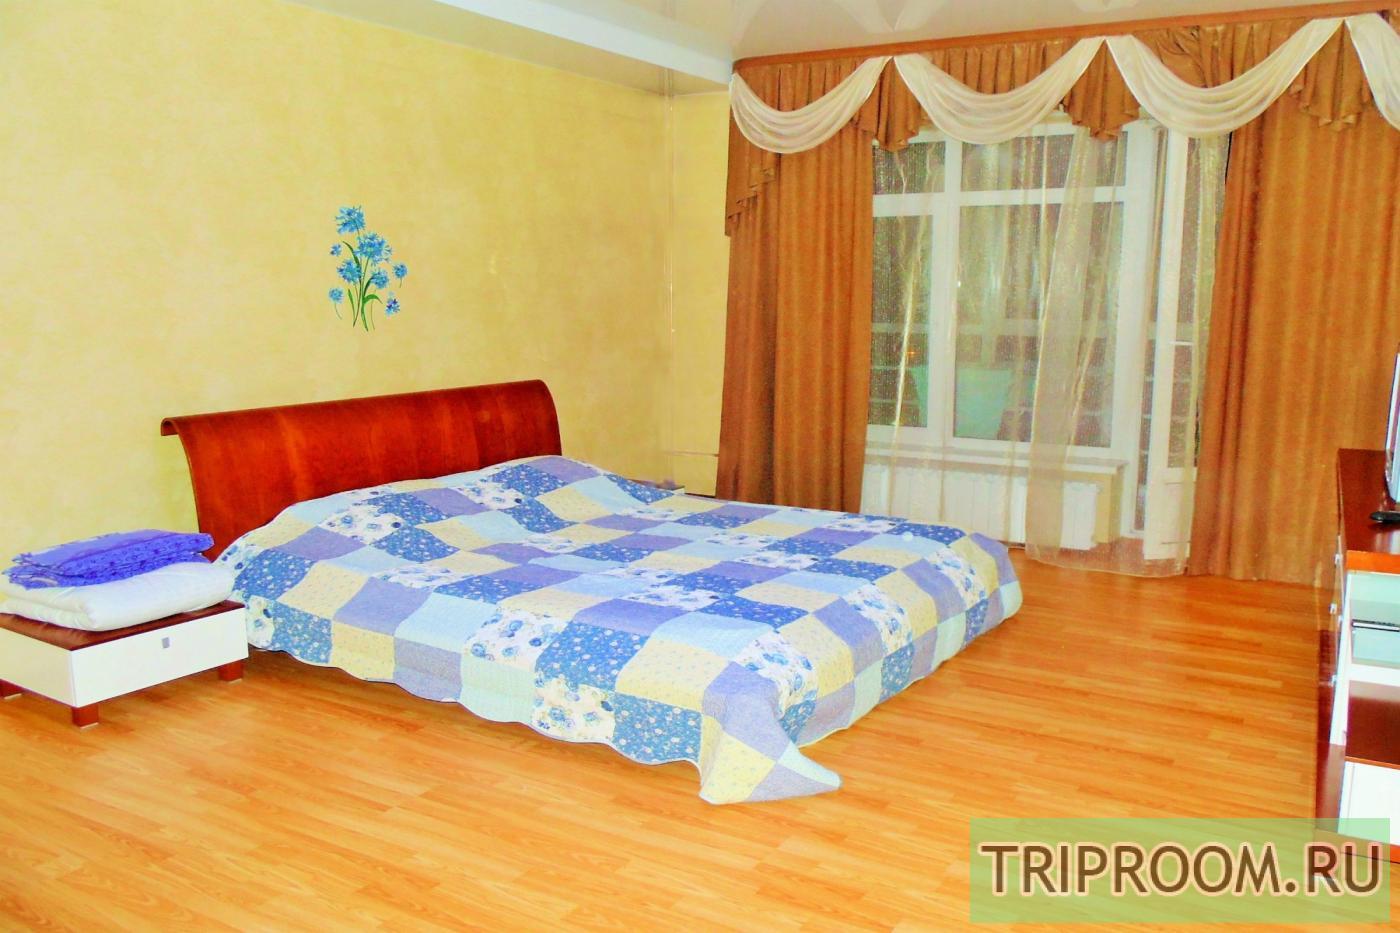 1-комнатная квартира посуточно (вариант № 23639), ул. Невского улица, фото № 1